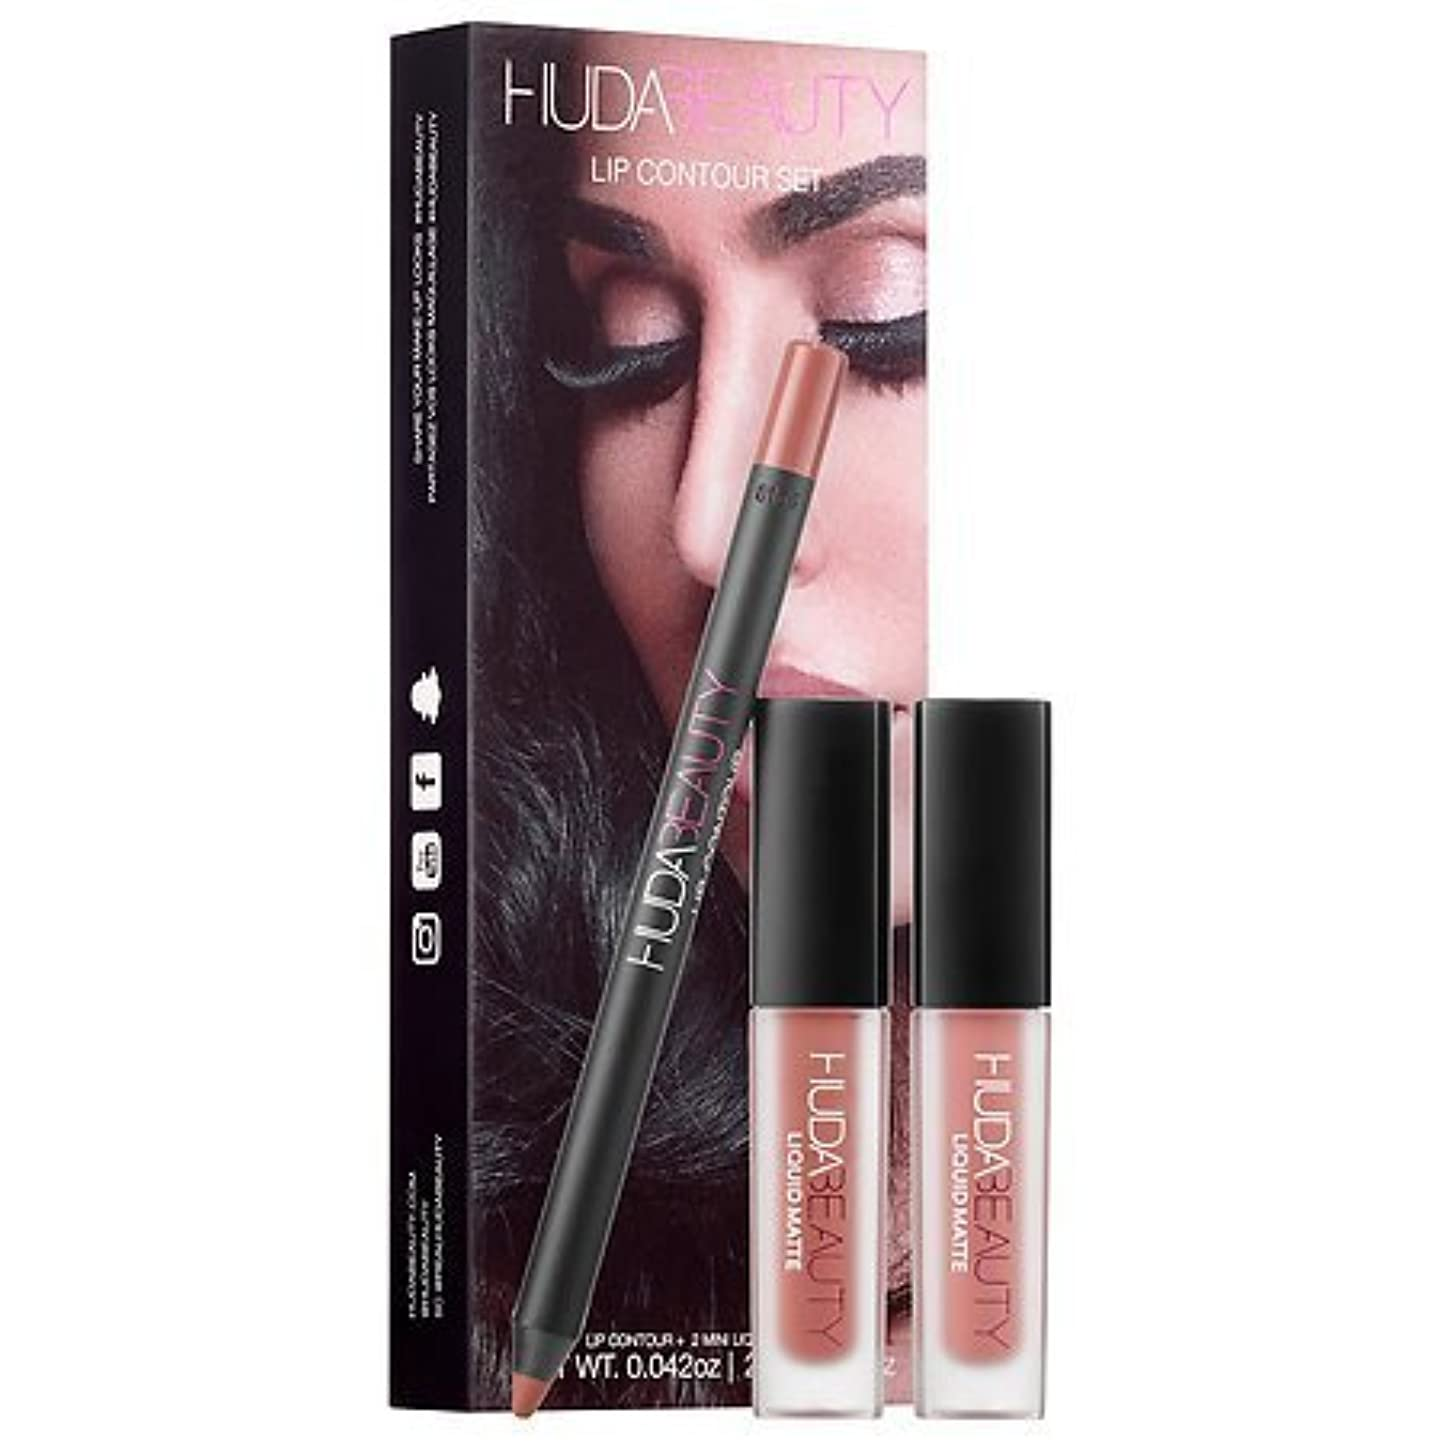 排泄物余分な最もHuda Beauty Lip Contour Set - Trendsetter (brown nude) & Bombshell (subtle pinkish nude) [並行輸入品]